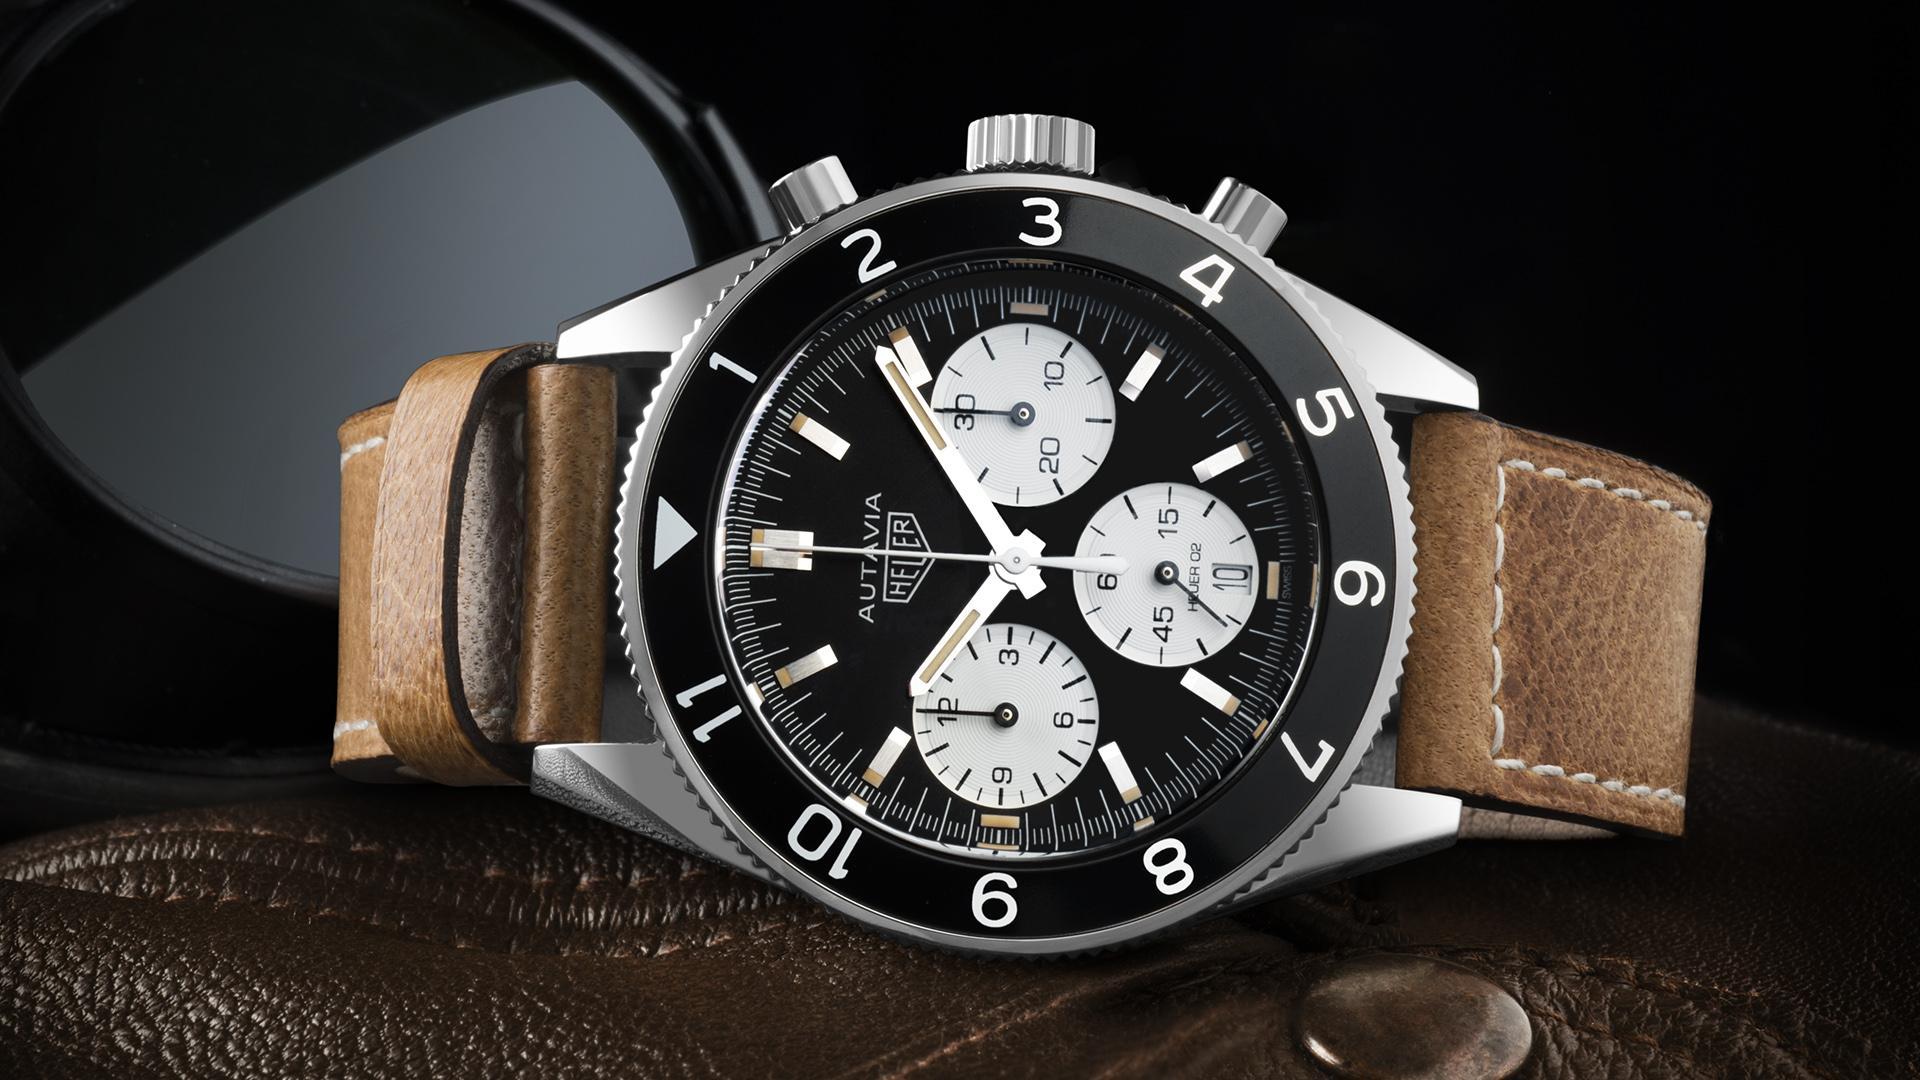 Механические наручные часы защищены от ударов благодаря оси баланса. Для  того, чтобы уменьшить трение, диаметр оси делают как можно тоньше, в  основном он ... 251cdb5b423